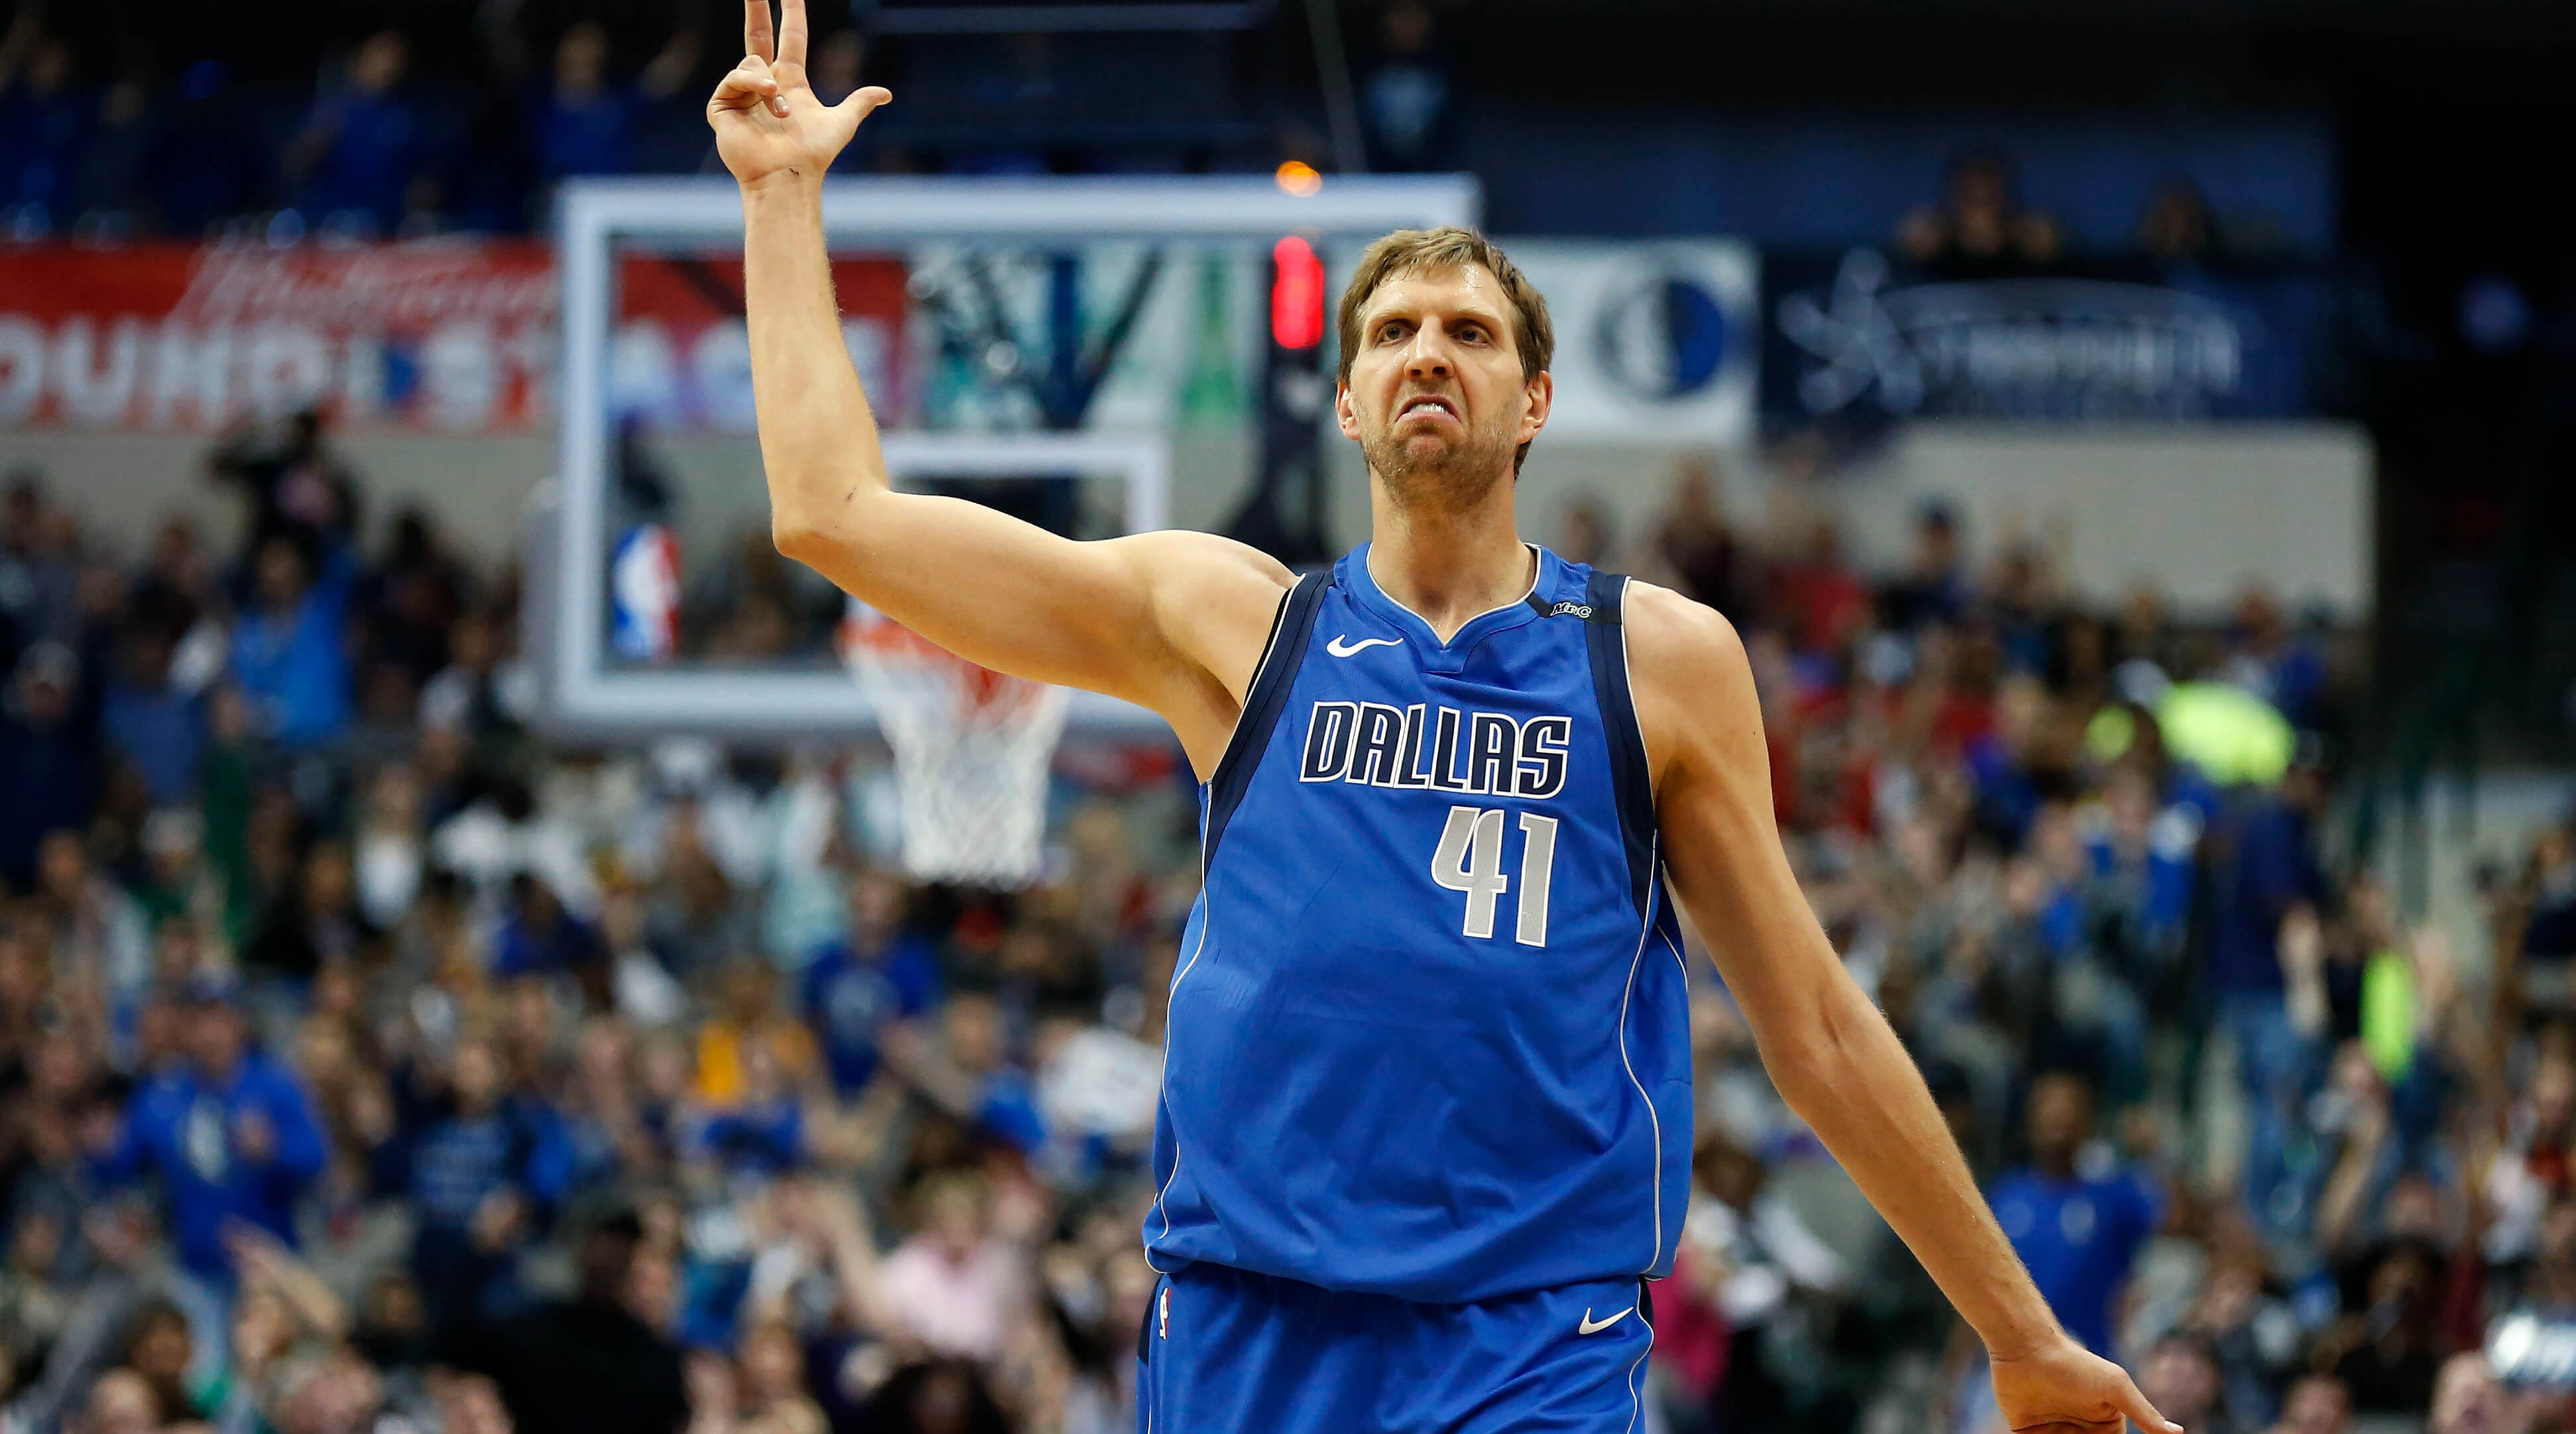 Dirk Nowitzki a NBA Score Leaders